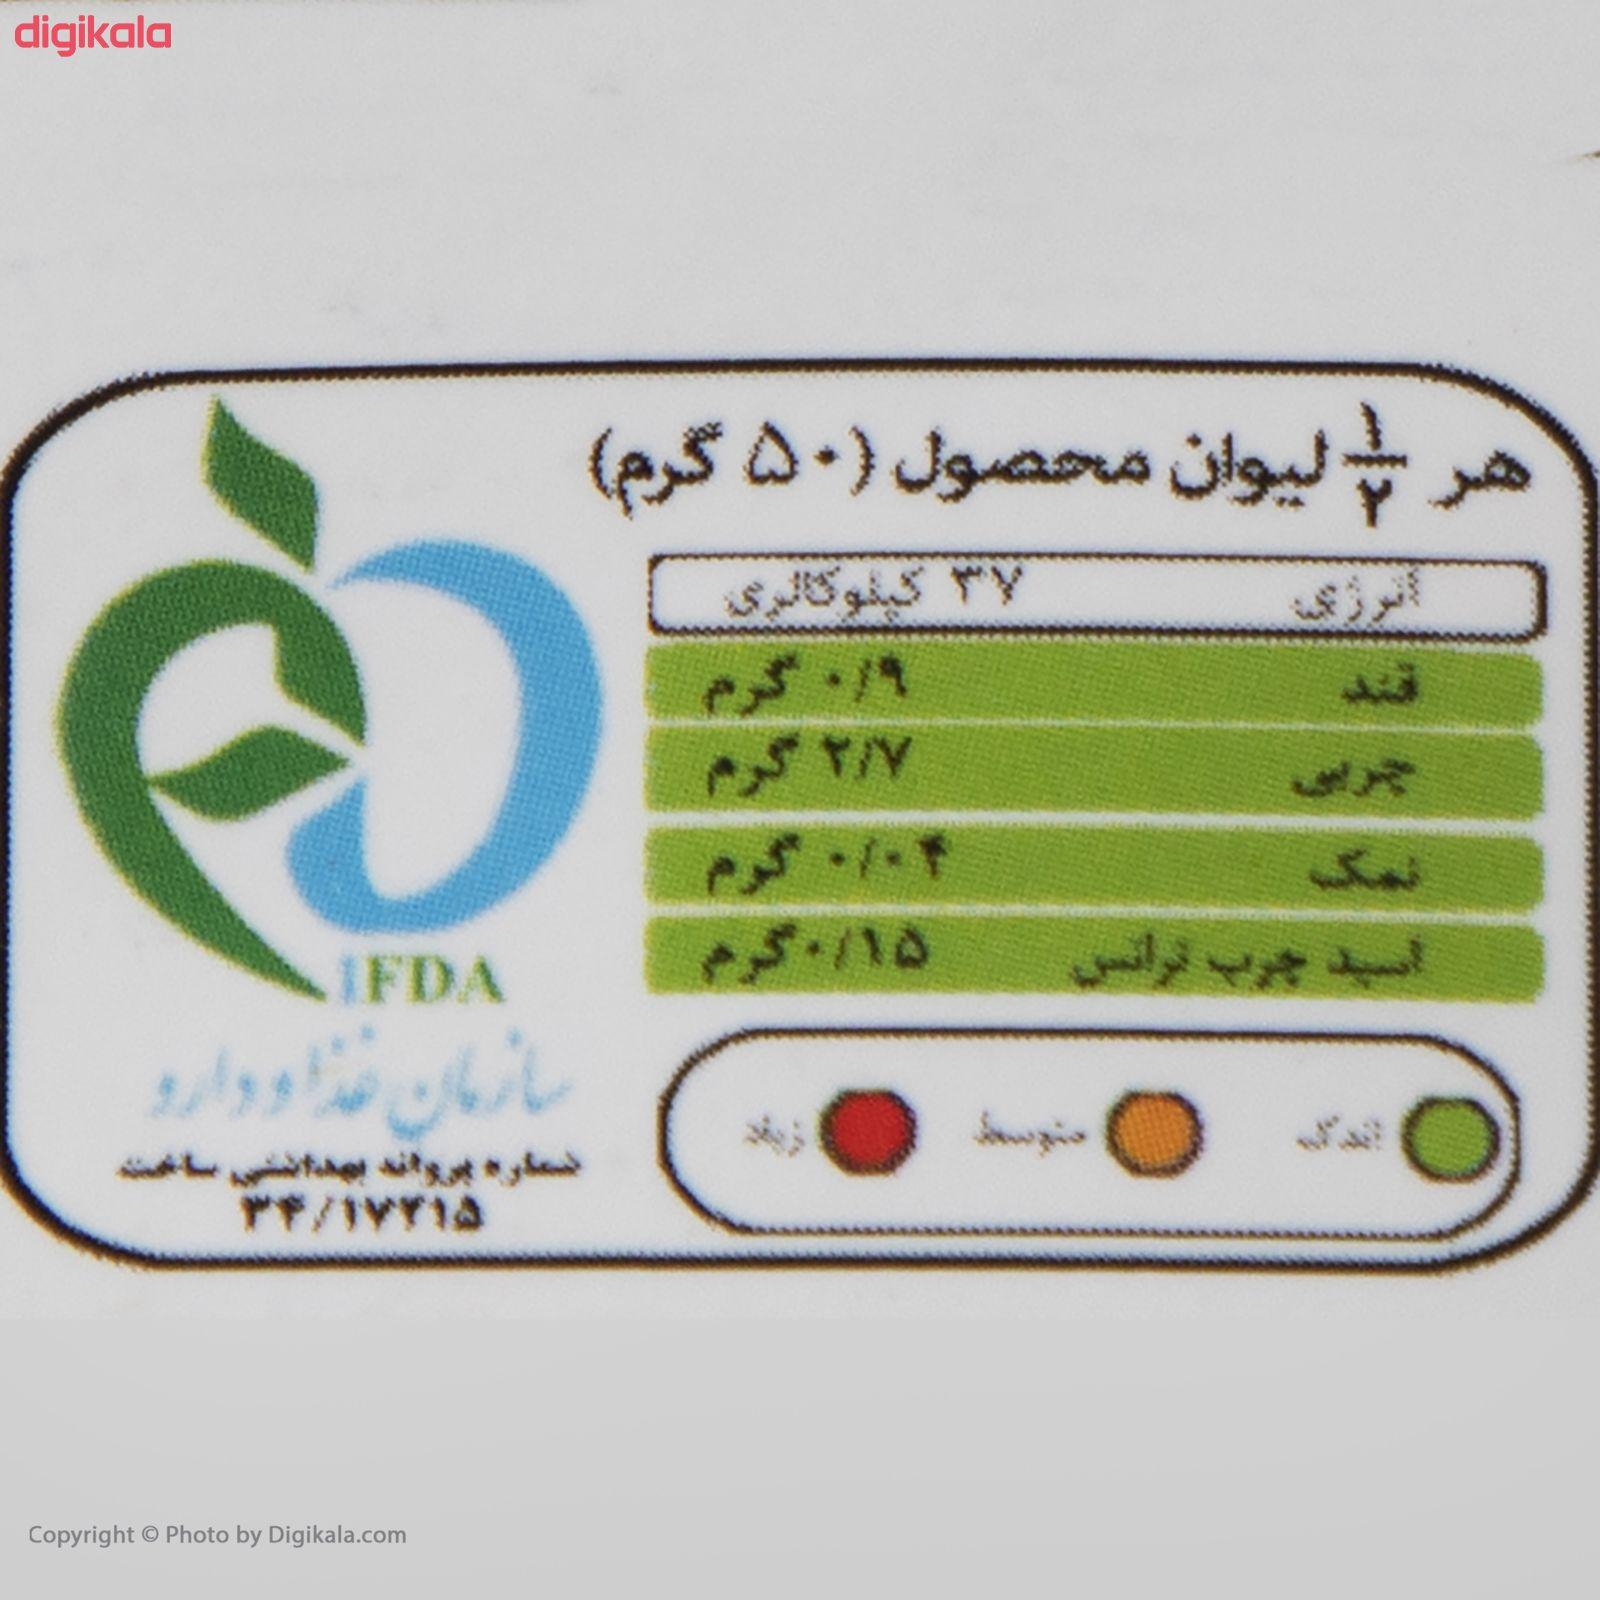 سبزی قورمه سرخ شده منجمد نوبر سبز مقدار 400 گرم main 1 4